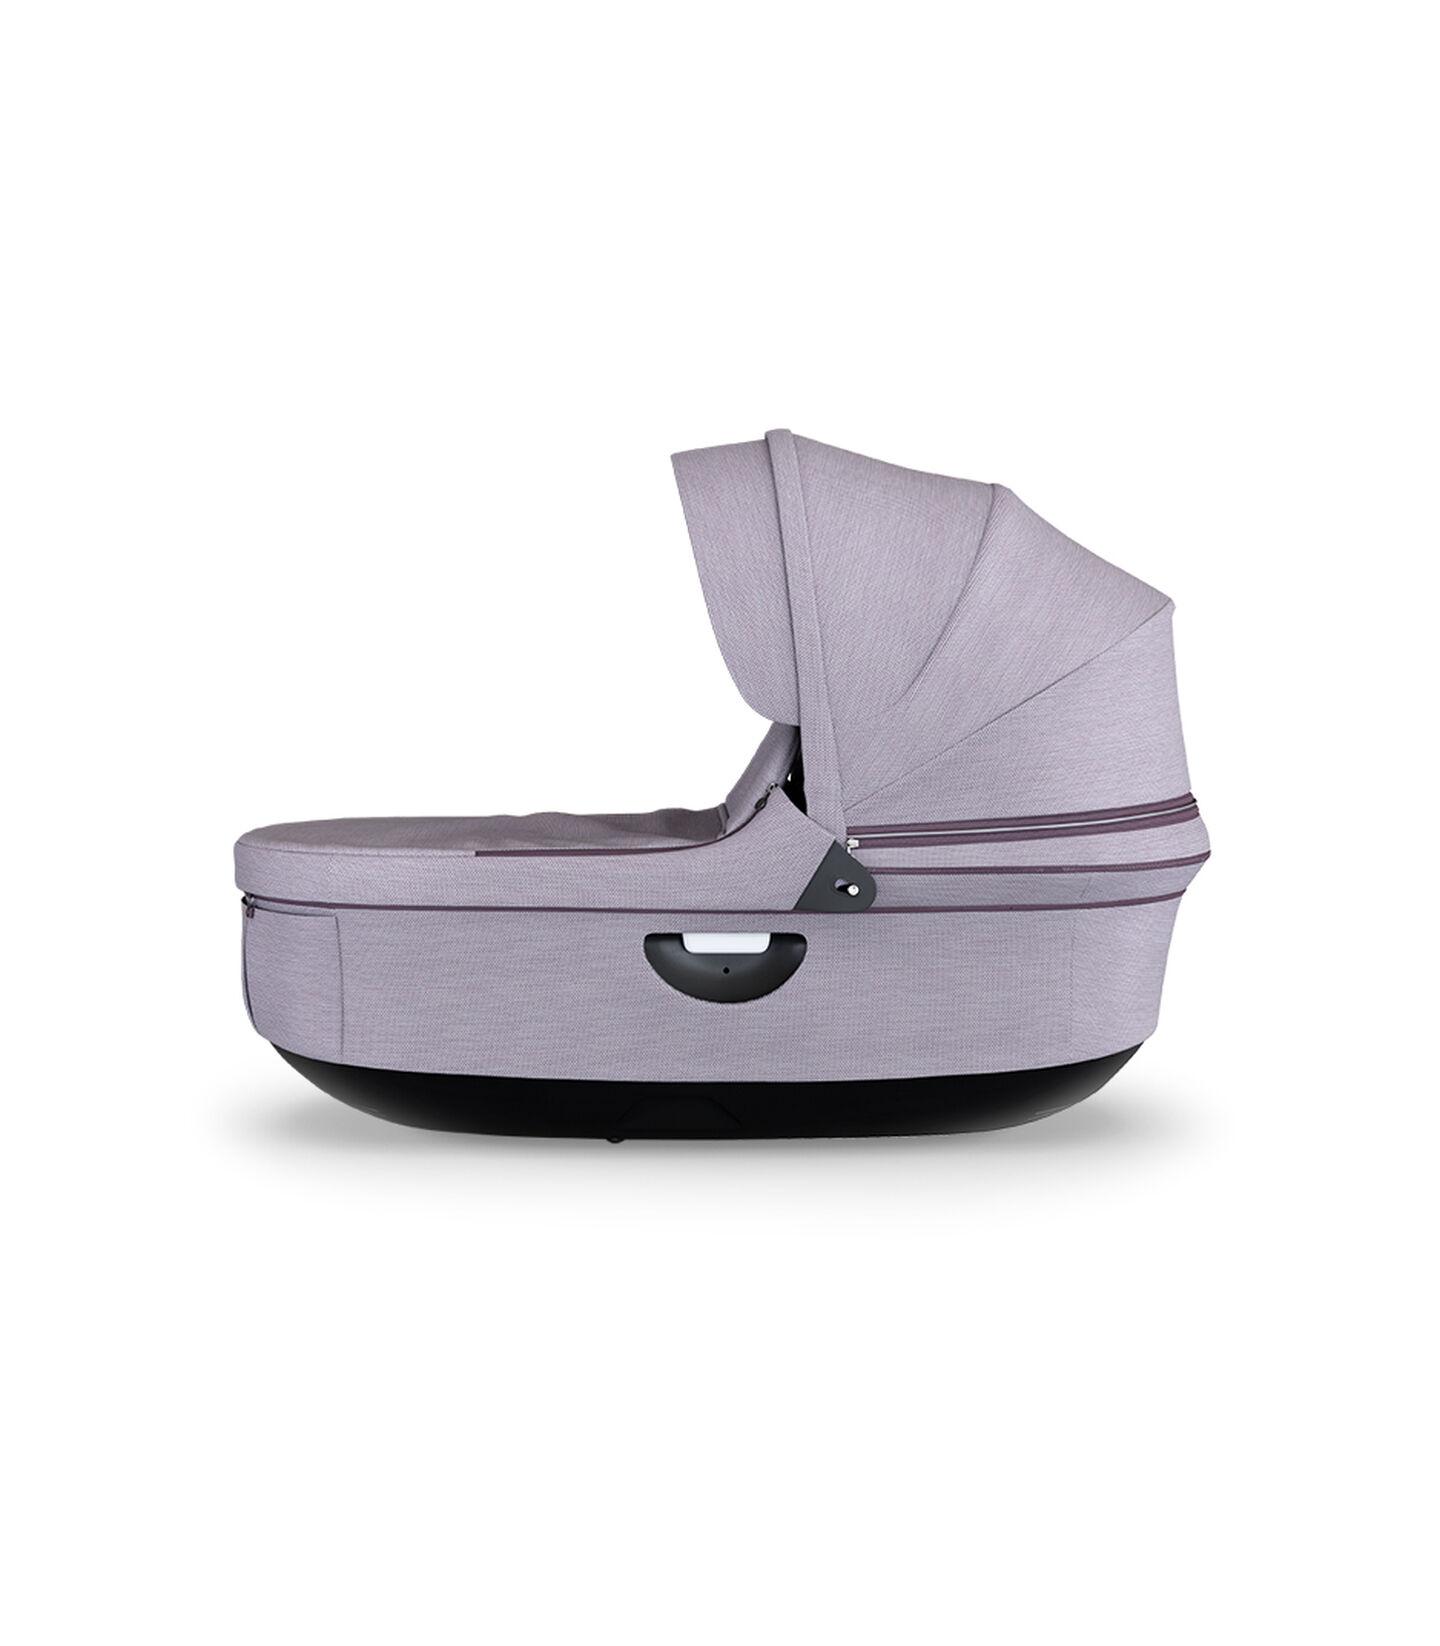 Strokke® Stroller Carry Cot, Brushed Lilac.